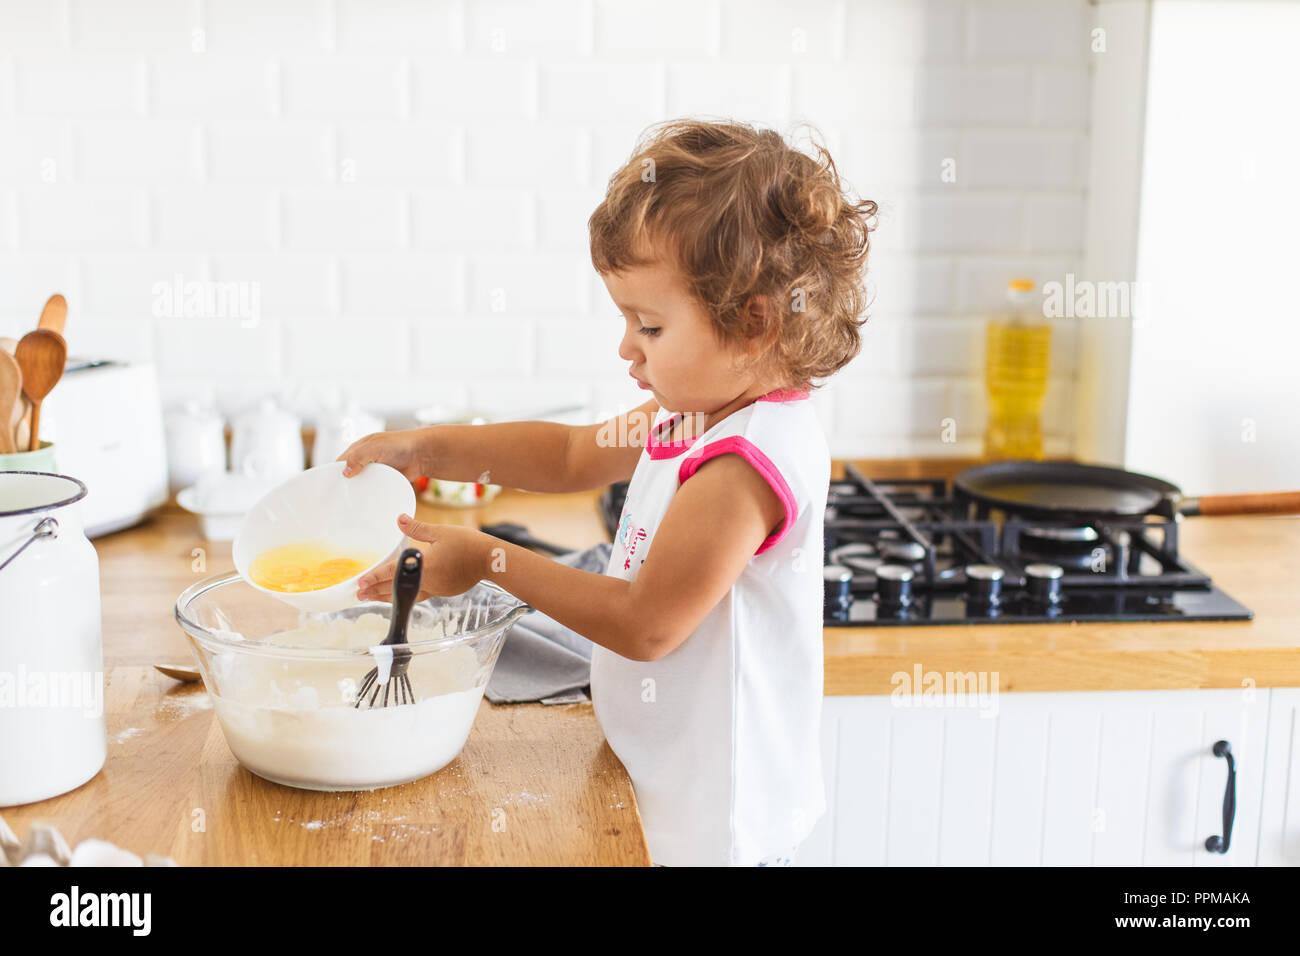 Kleines Mädchen Zubereitung Teig für Pfannkuchen in der Küche. Konzept der Lebensmittelzubereitung, weiße Küche für den Hintergrund. Casual Lifestyle Foto serie in re Stockbild